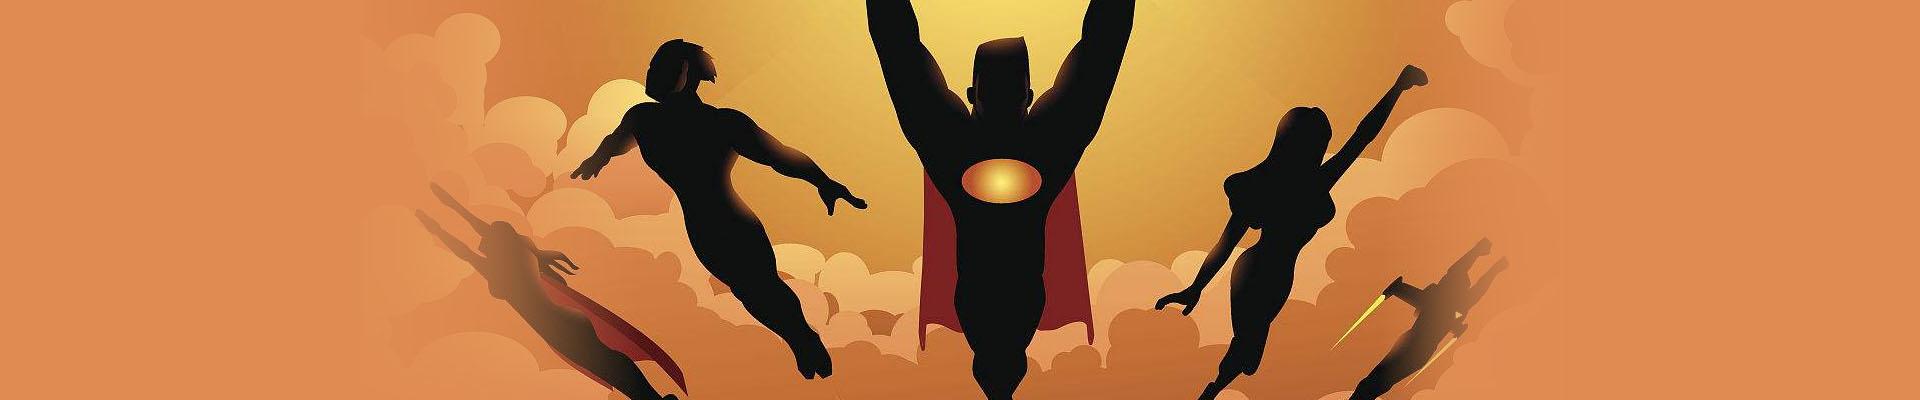 蜘蛛侠是漫威人气NO.1?这些超级英雄表示不服!